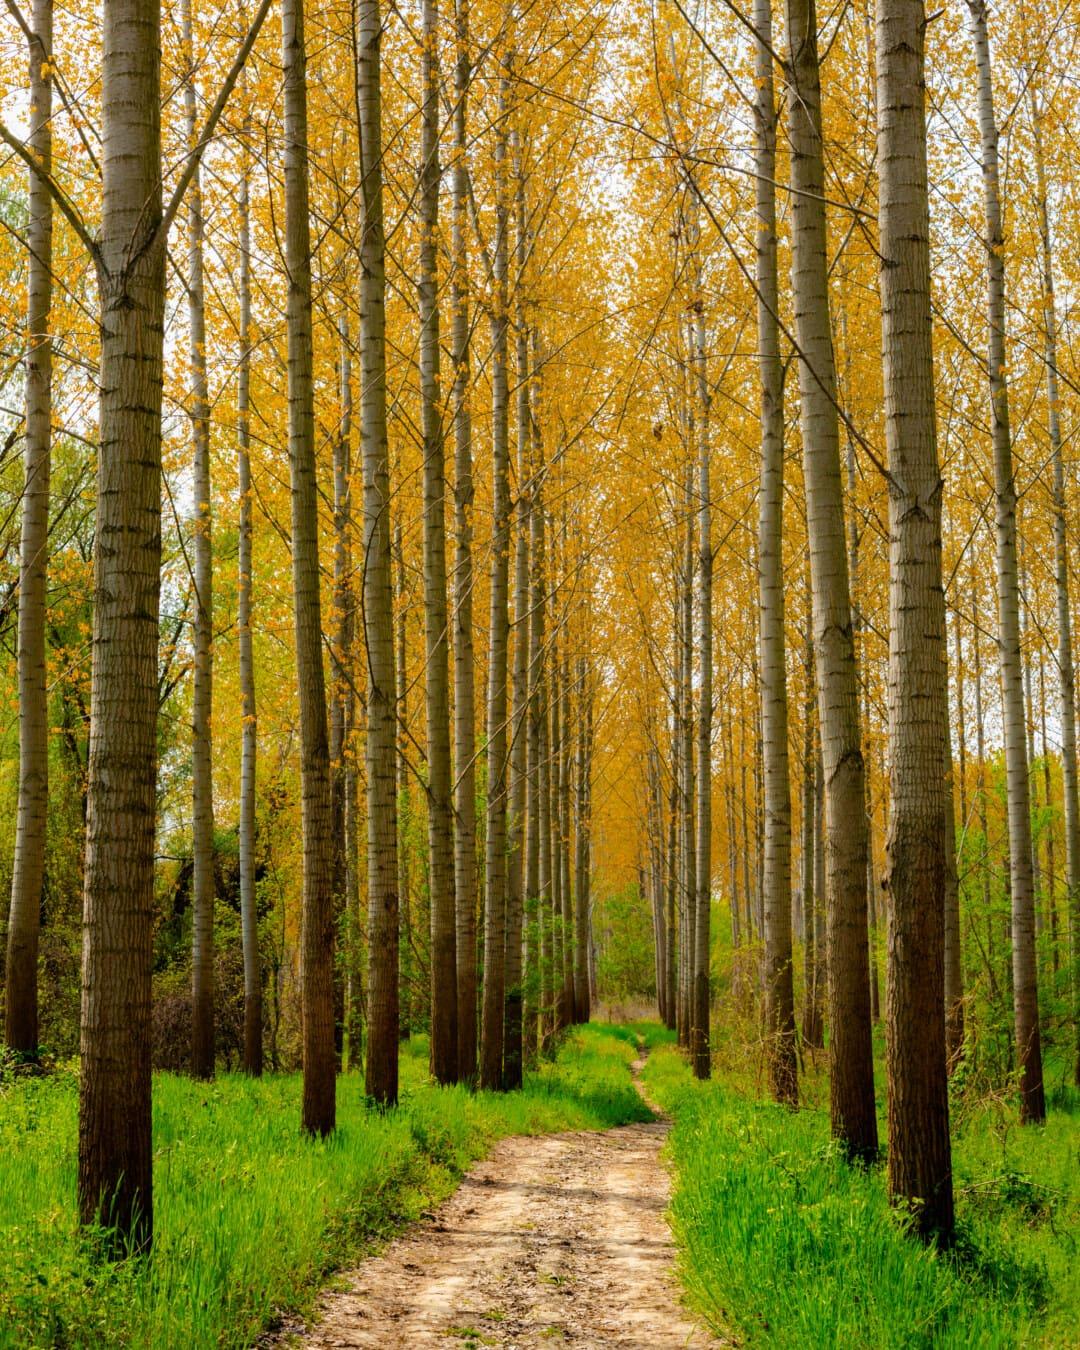 chemin forestier, route forestière, lumière du jour, peuplier, atmosphère, bois, commutateur, nature, paysage, forêt